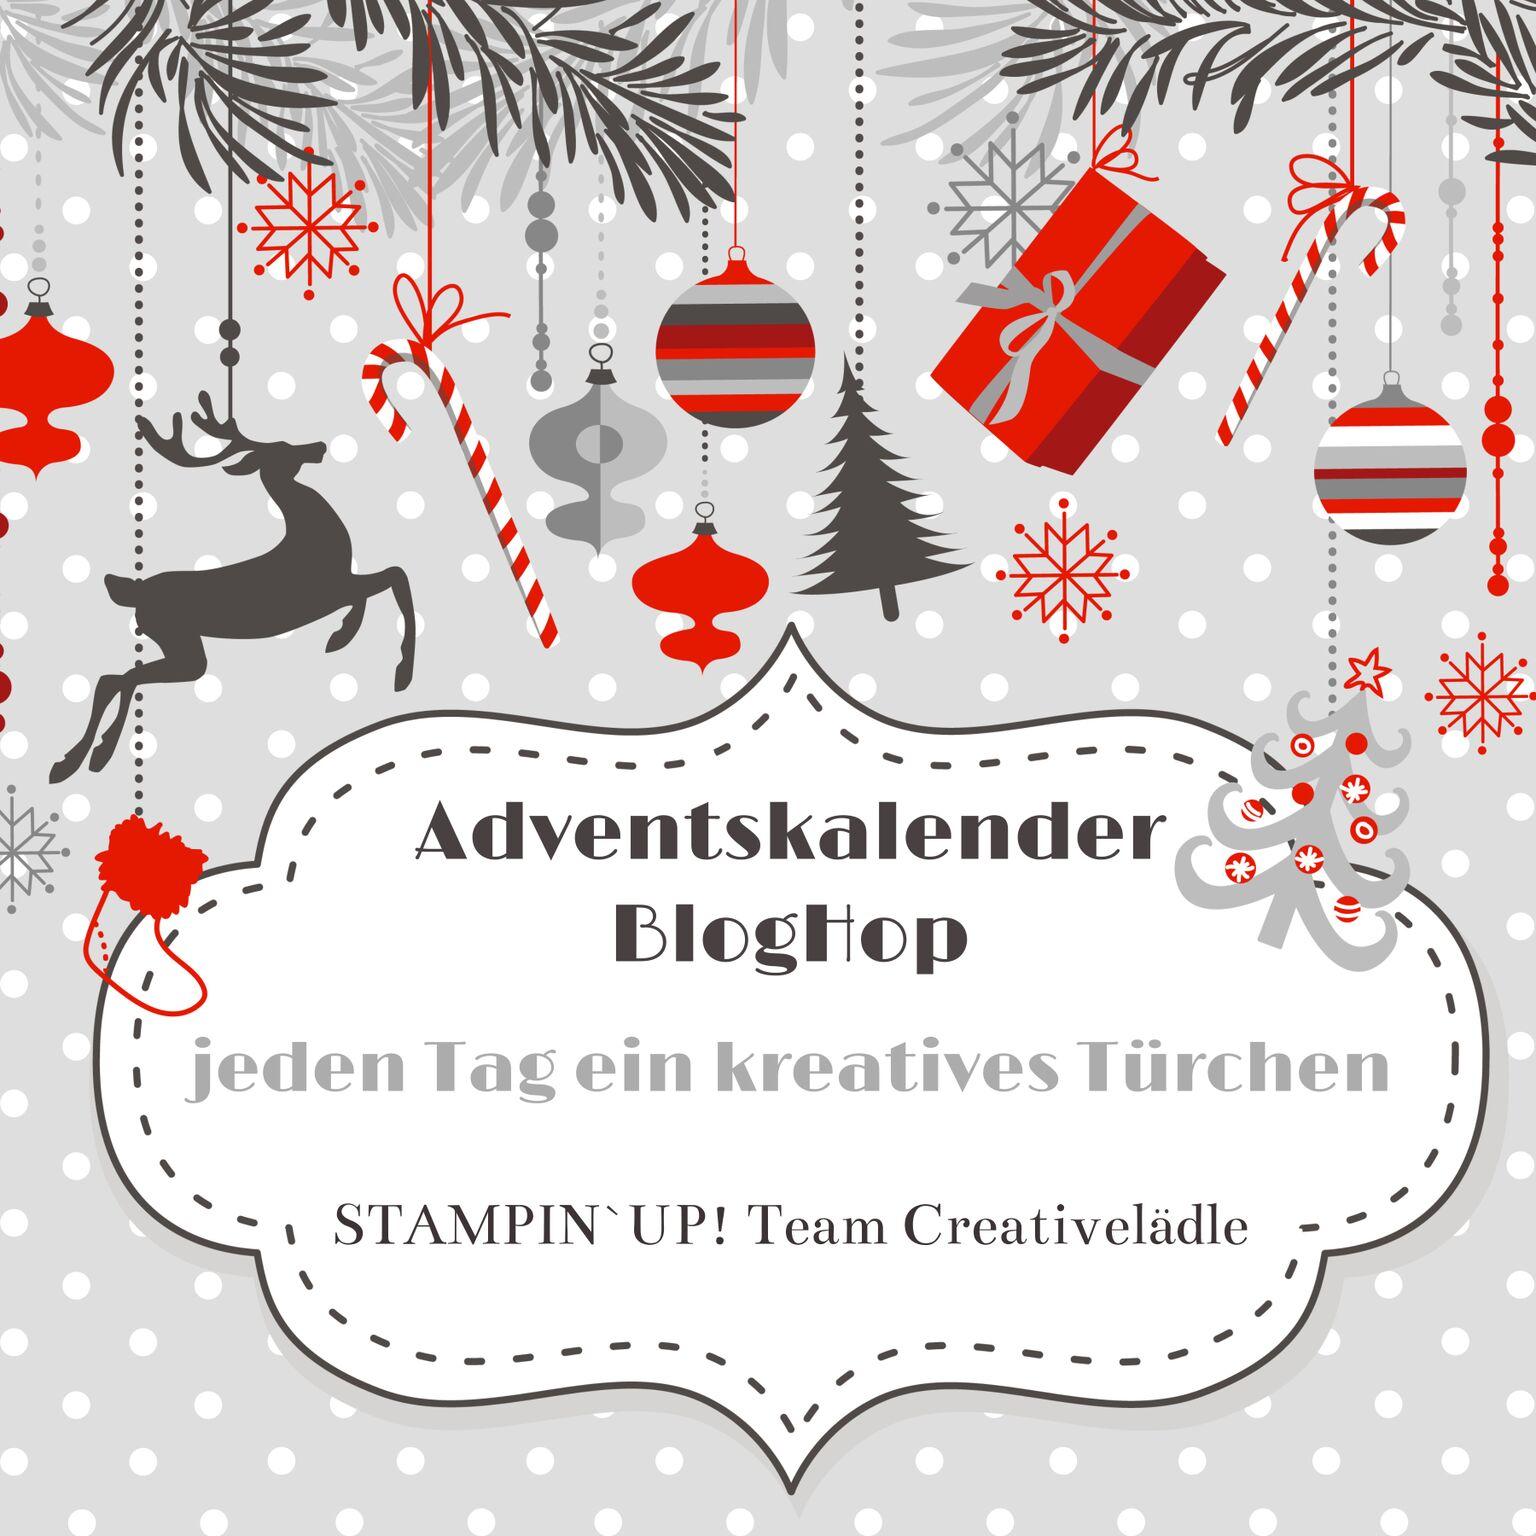 Adventskalender Blog HOP